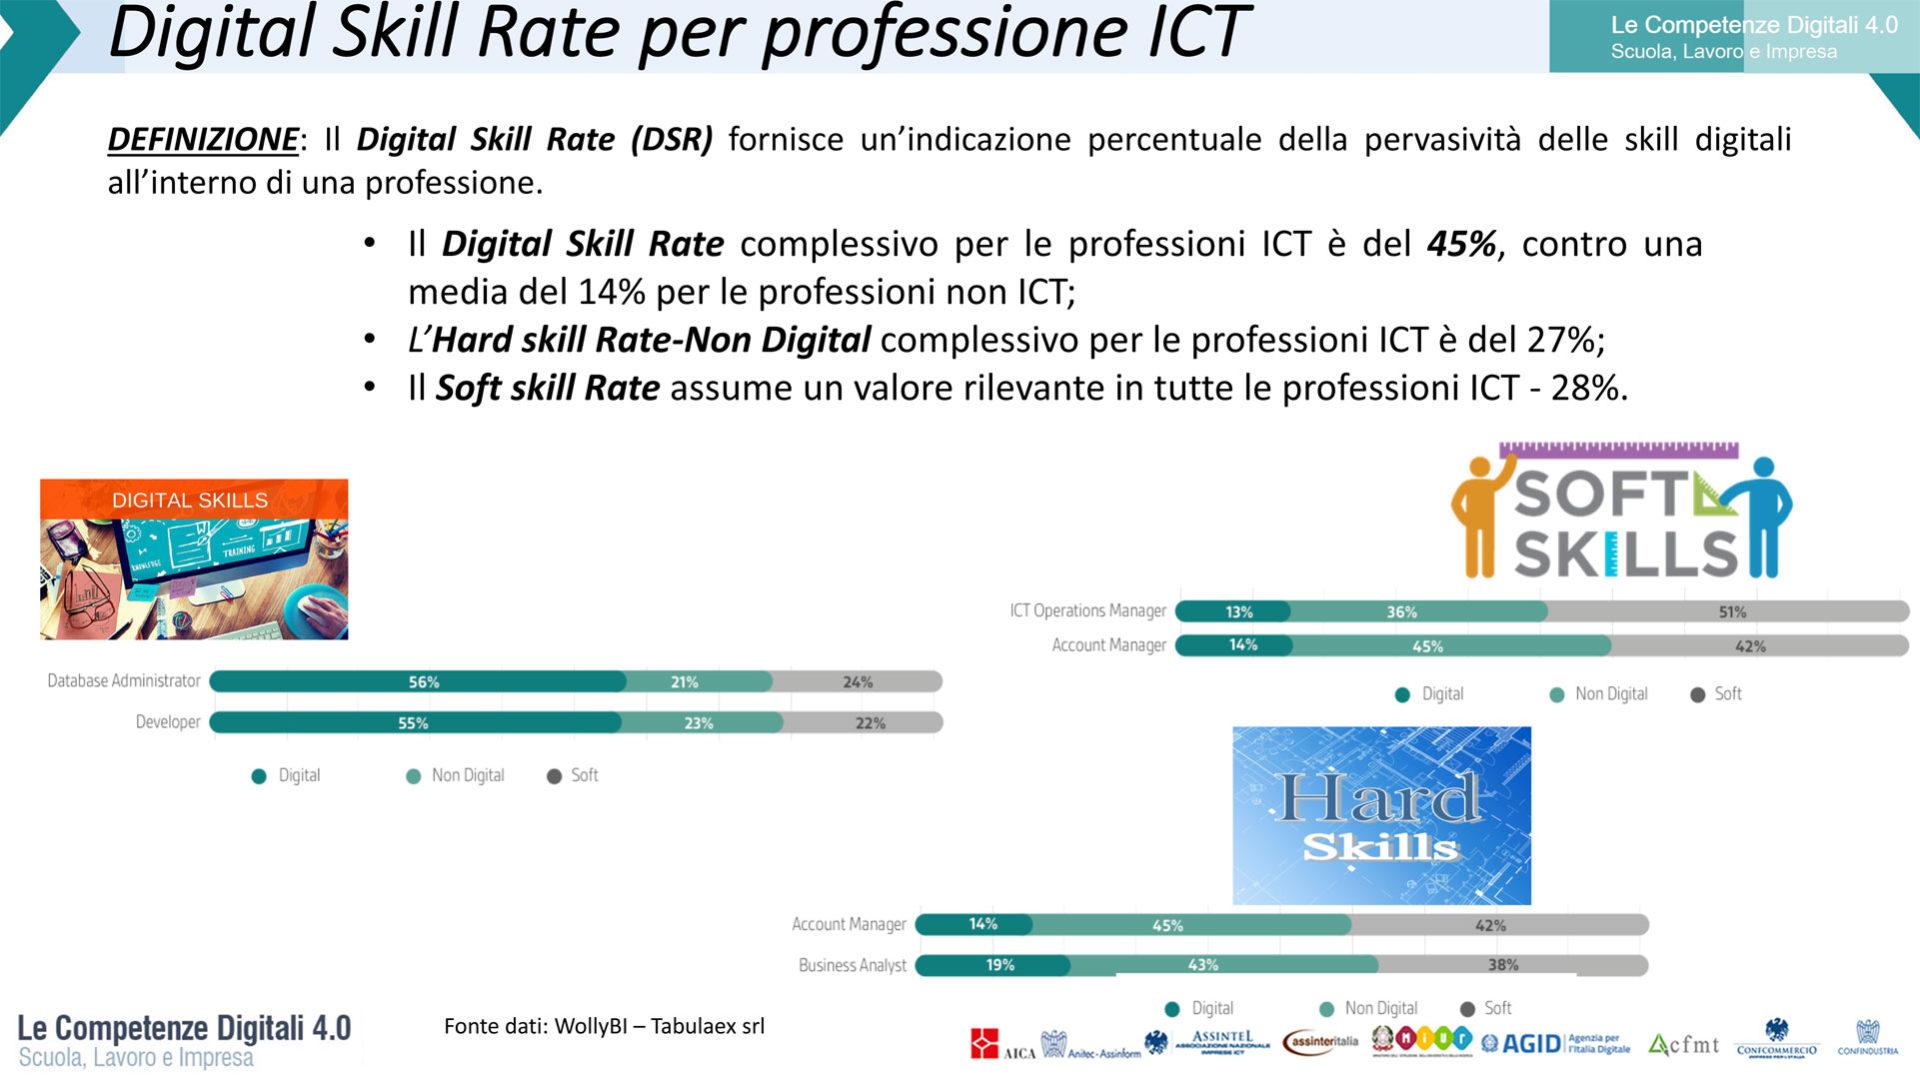 Grafico che rappresenta il Digital Skill rate per professione ICT